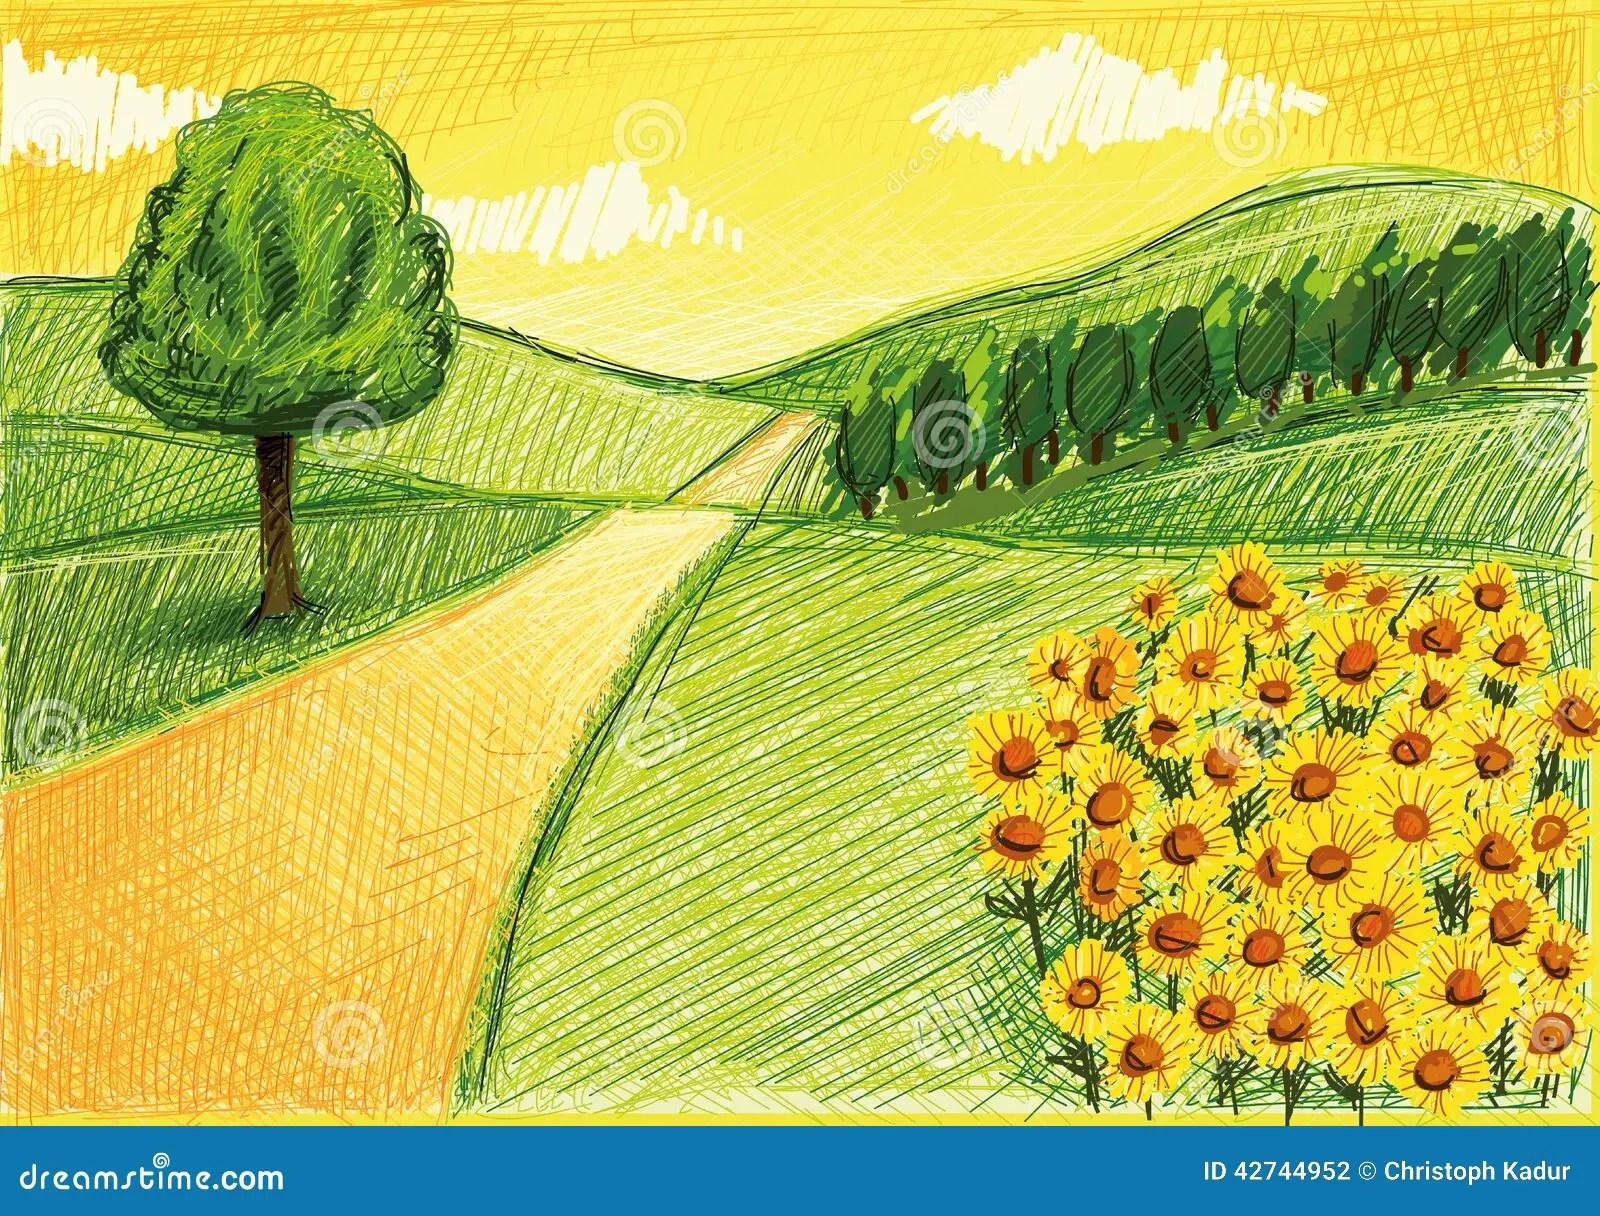 Disegno Semplice Di Un Paesaggio Illustrazione di Stock  Illustrazione di fiori orizzonte